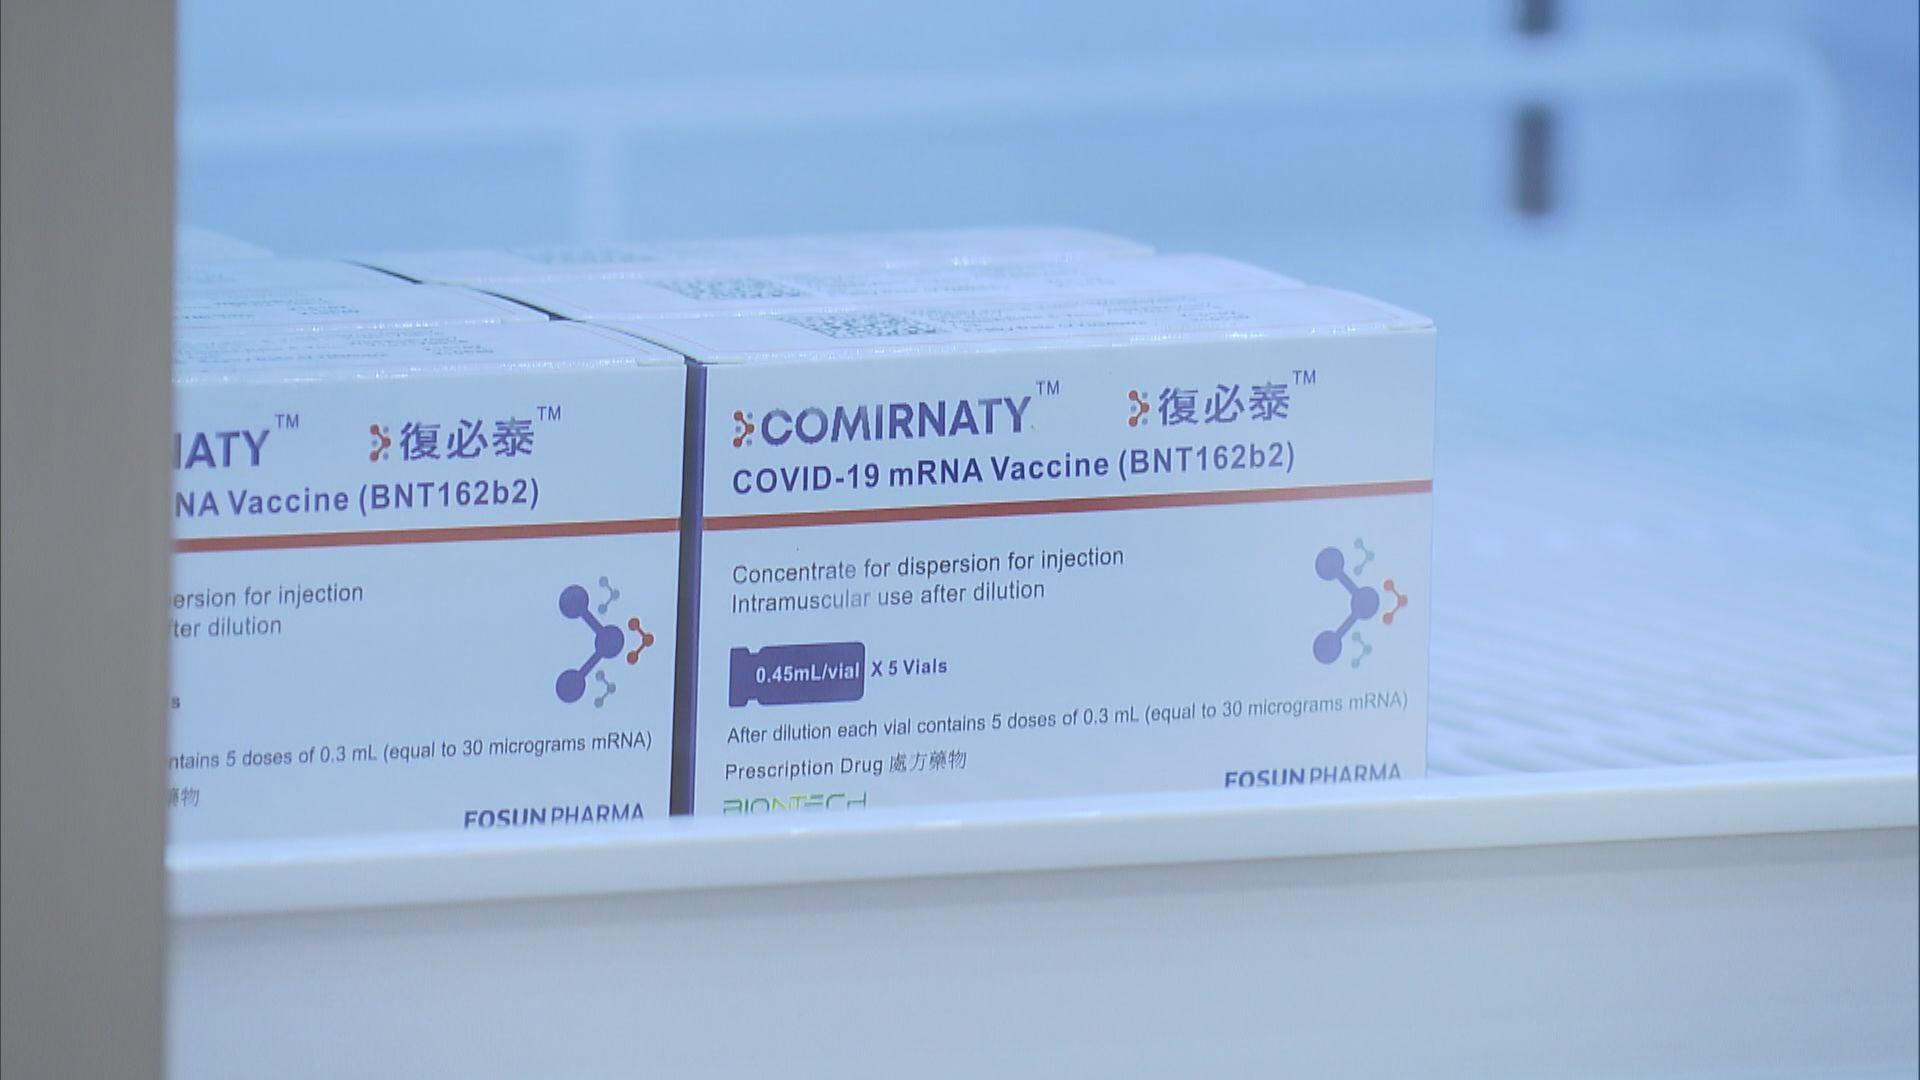 復必泰下調至12歲可接種 劉澤星:有助建立保護屏障